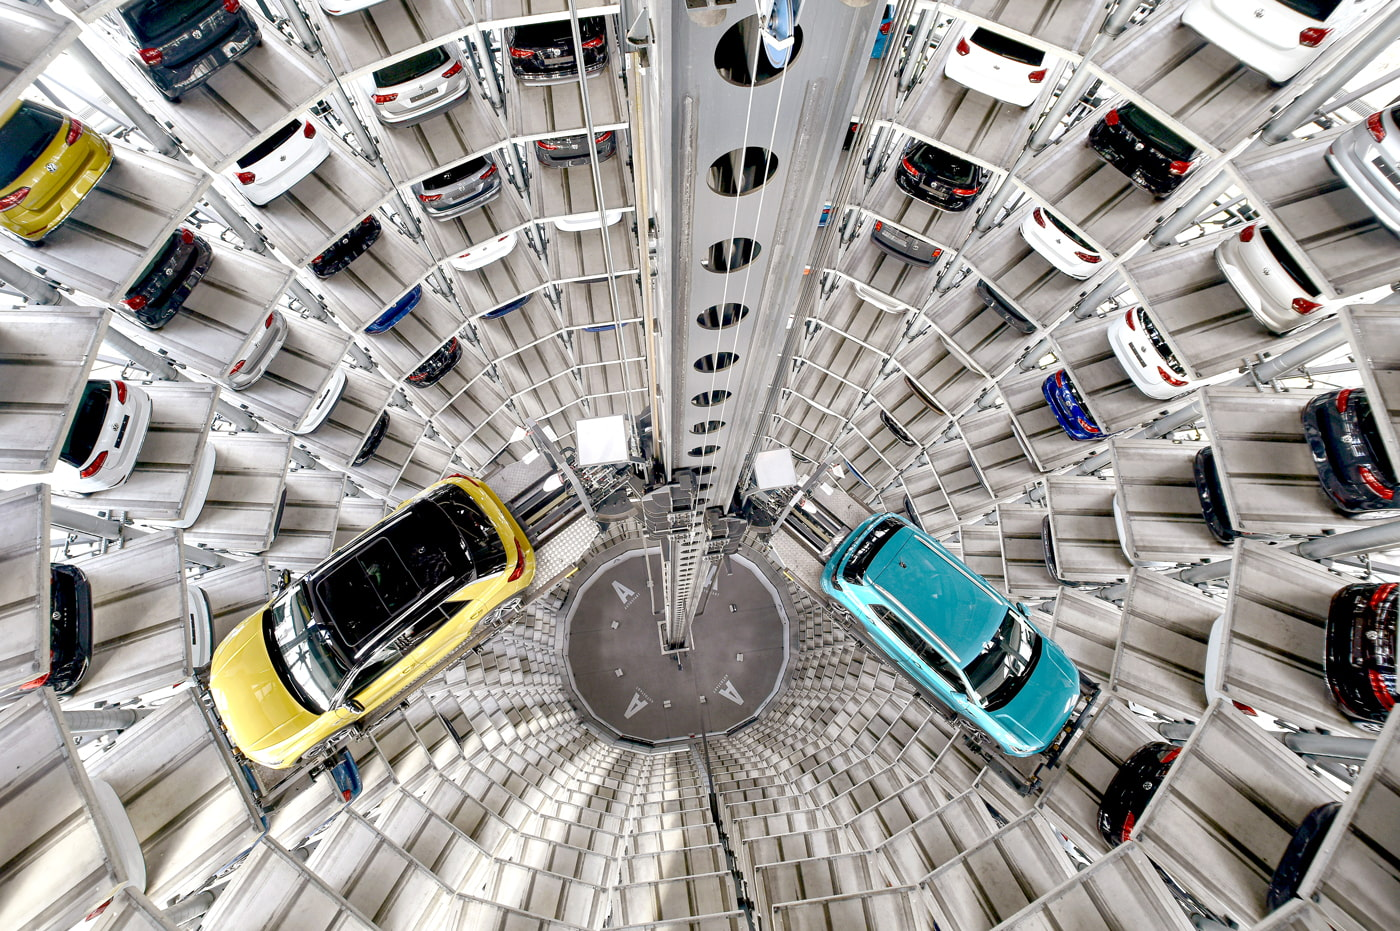 VW Car Tower (AutoTürme)